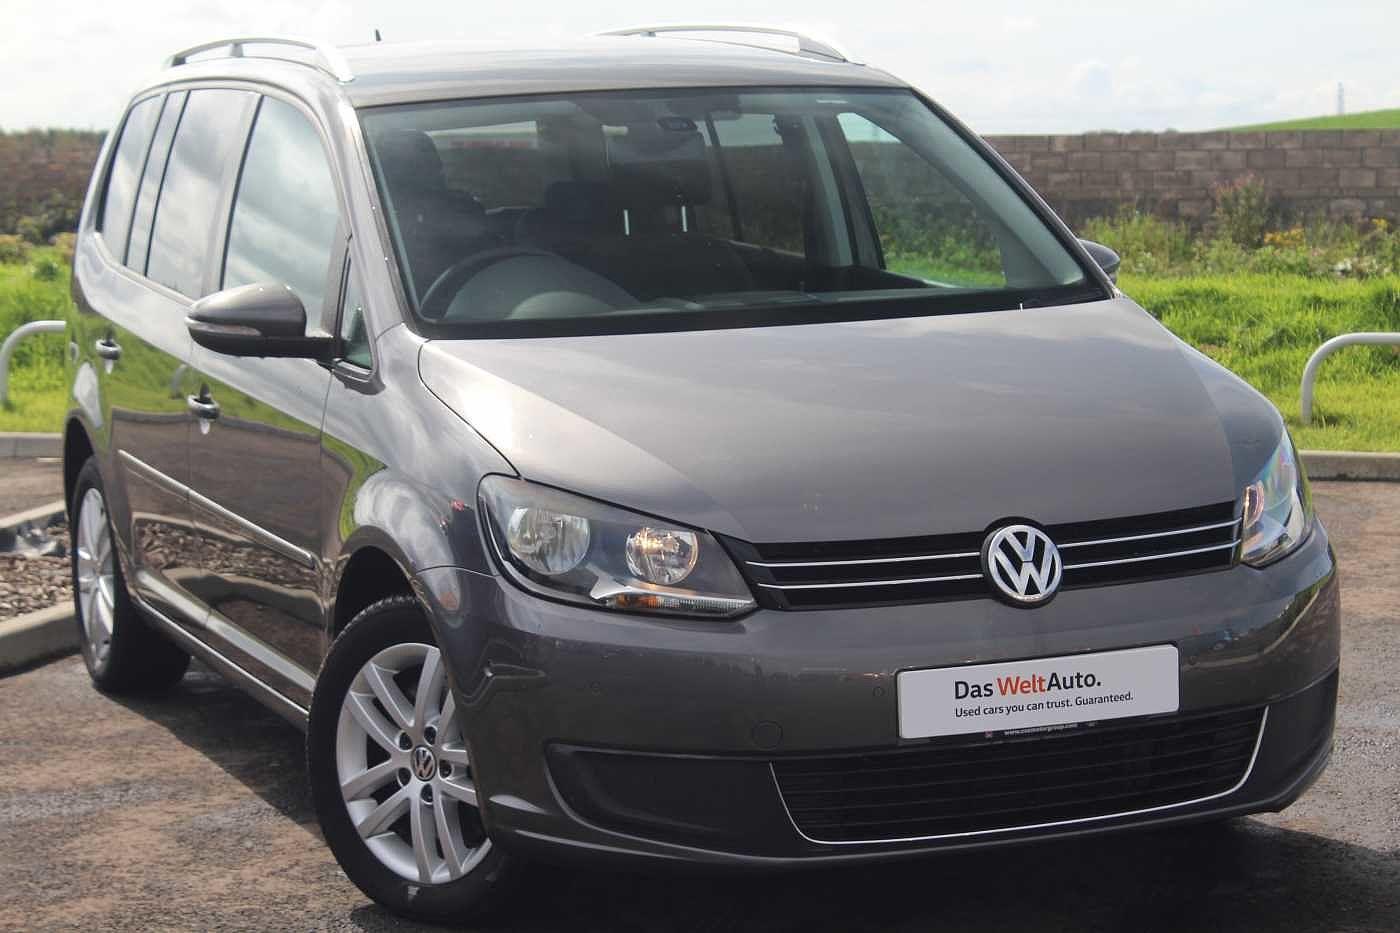 Volkswagen Touran 2.0 TDI SE 7-Seat